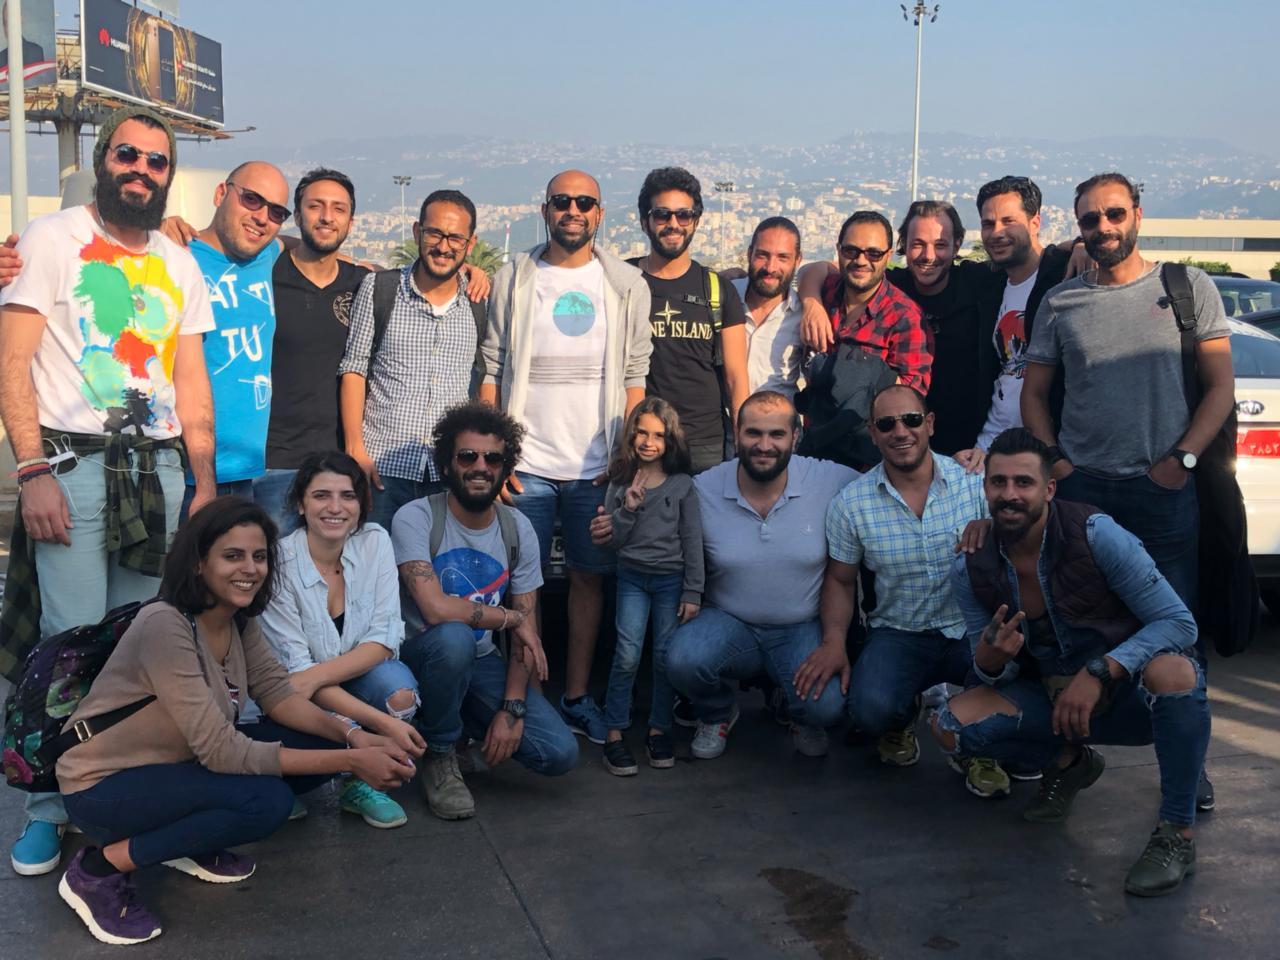 المخرج حسام على وفريق عمل مسلسل الرحلة